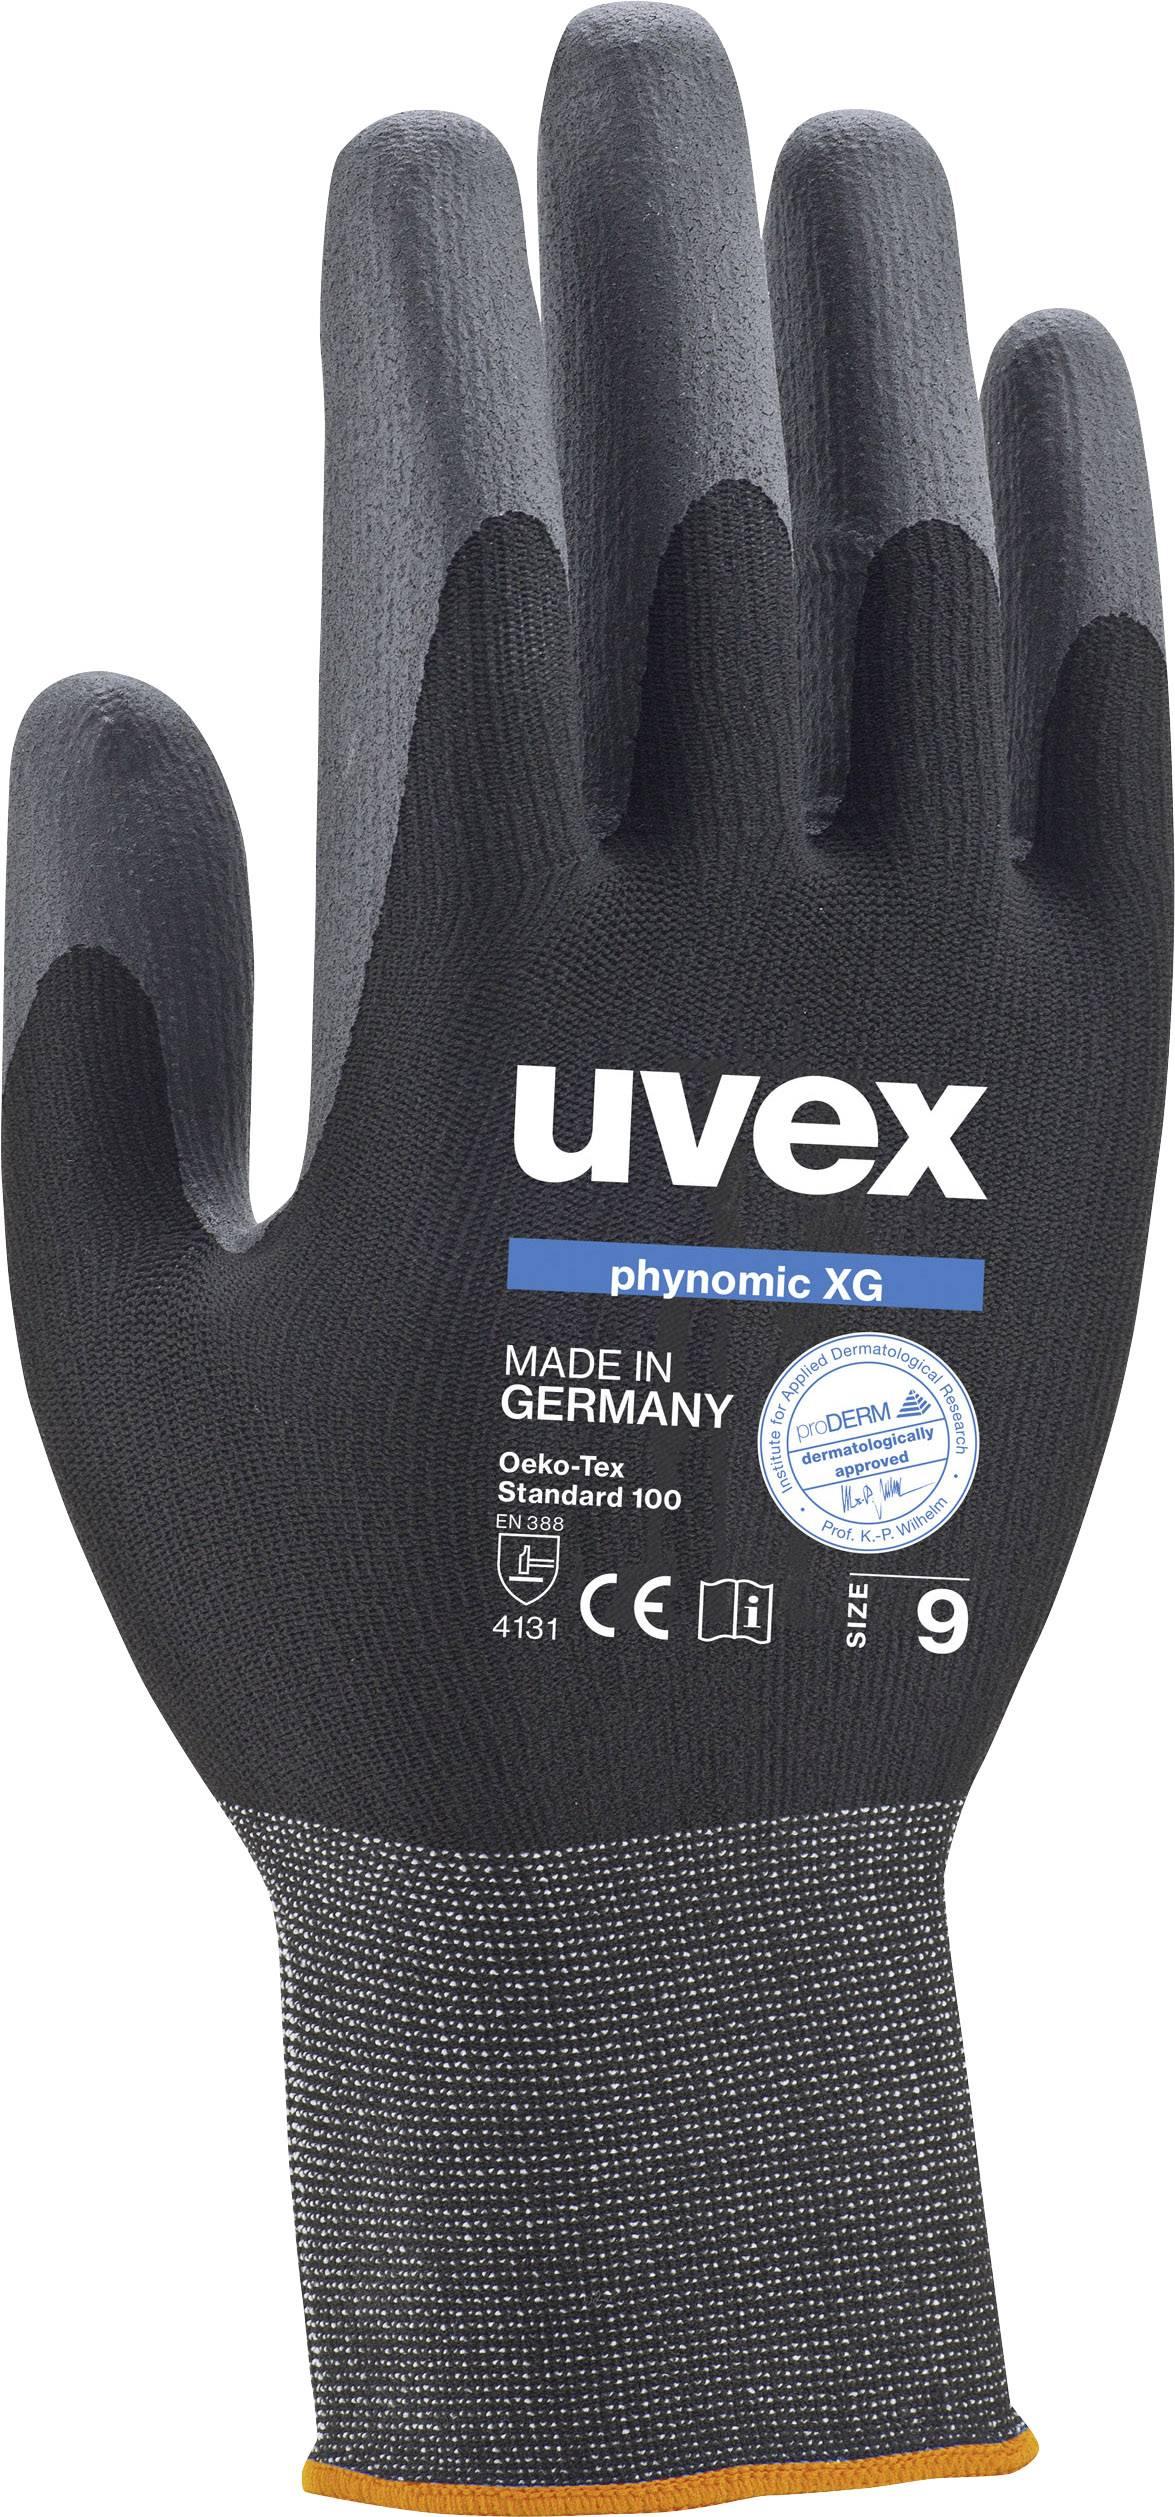 Pracovné rukavice Uvex phynomic XG 6007010, velikost rukavic: 10